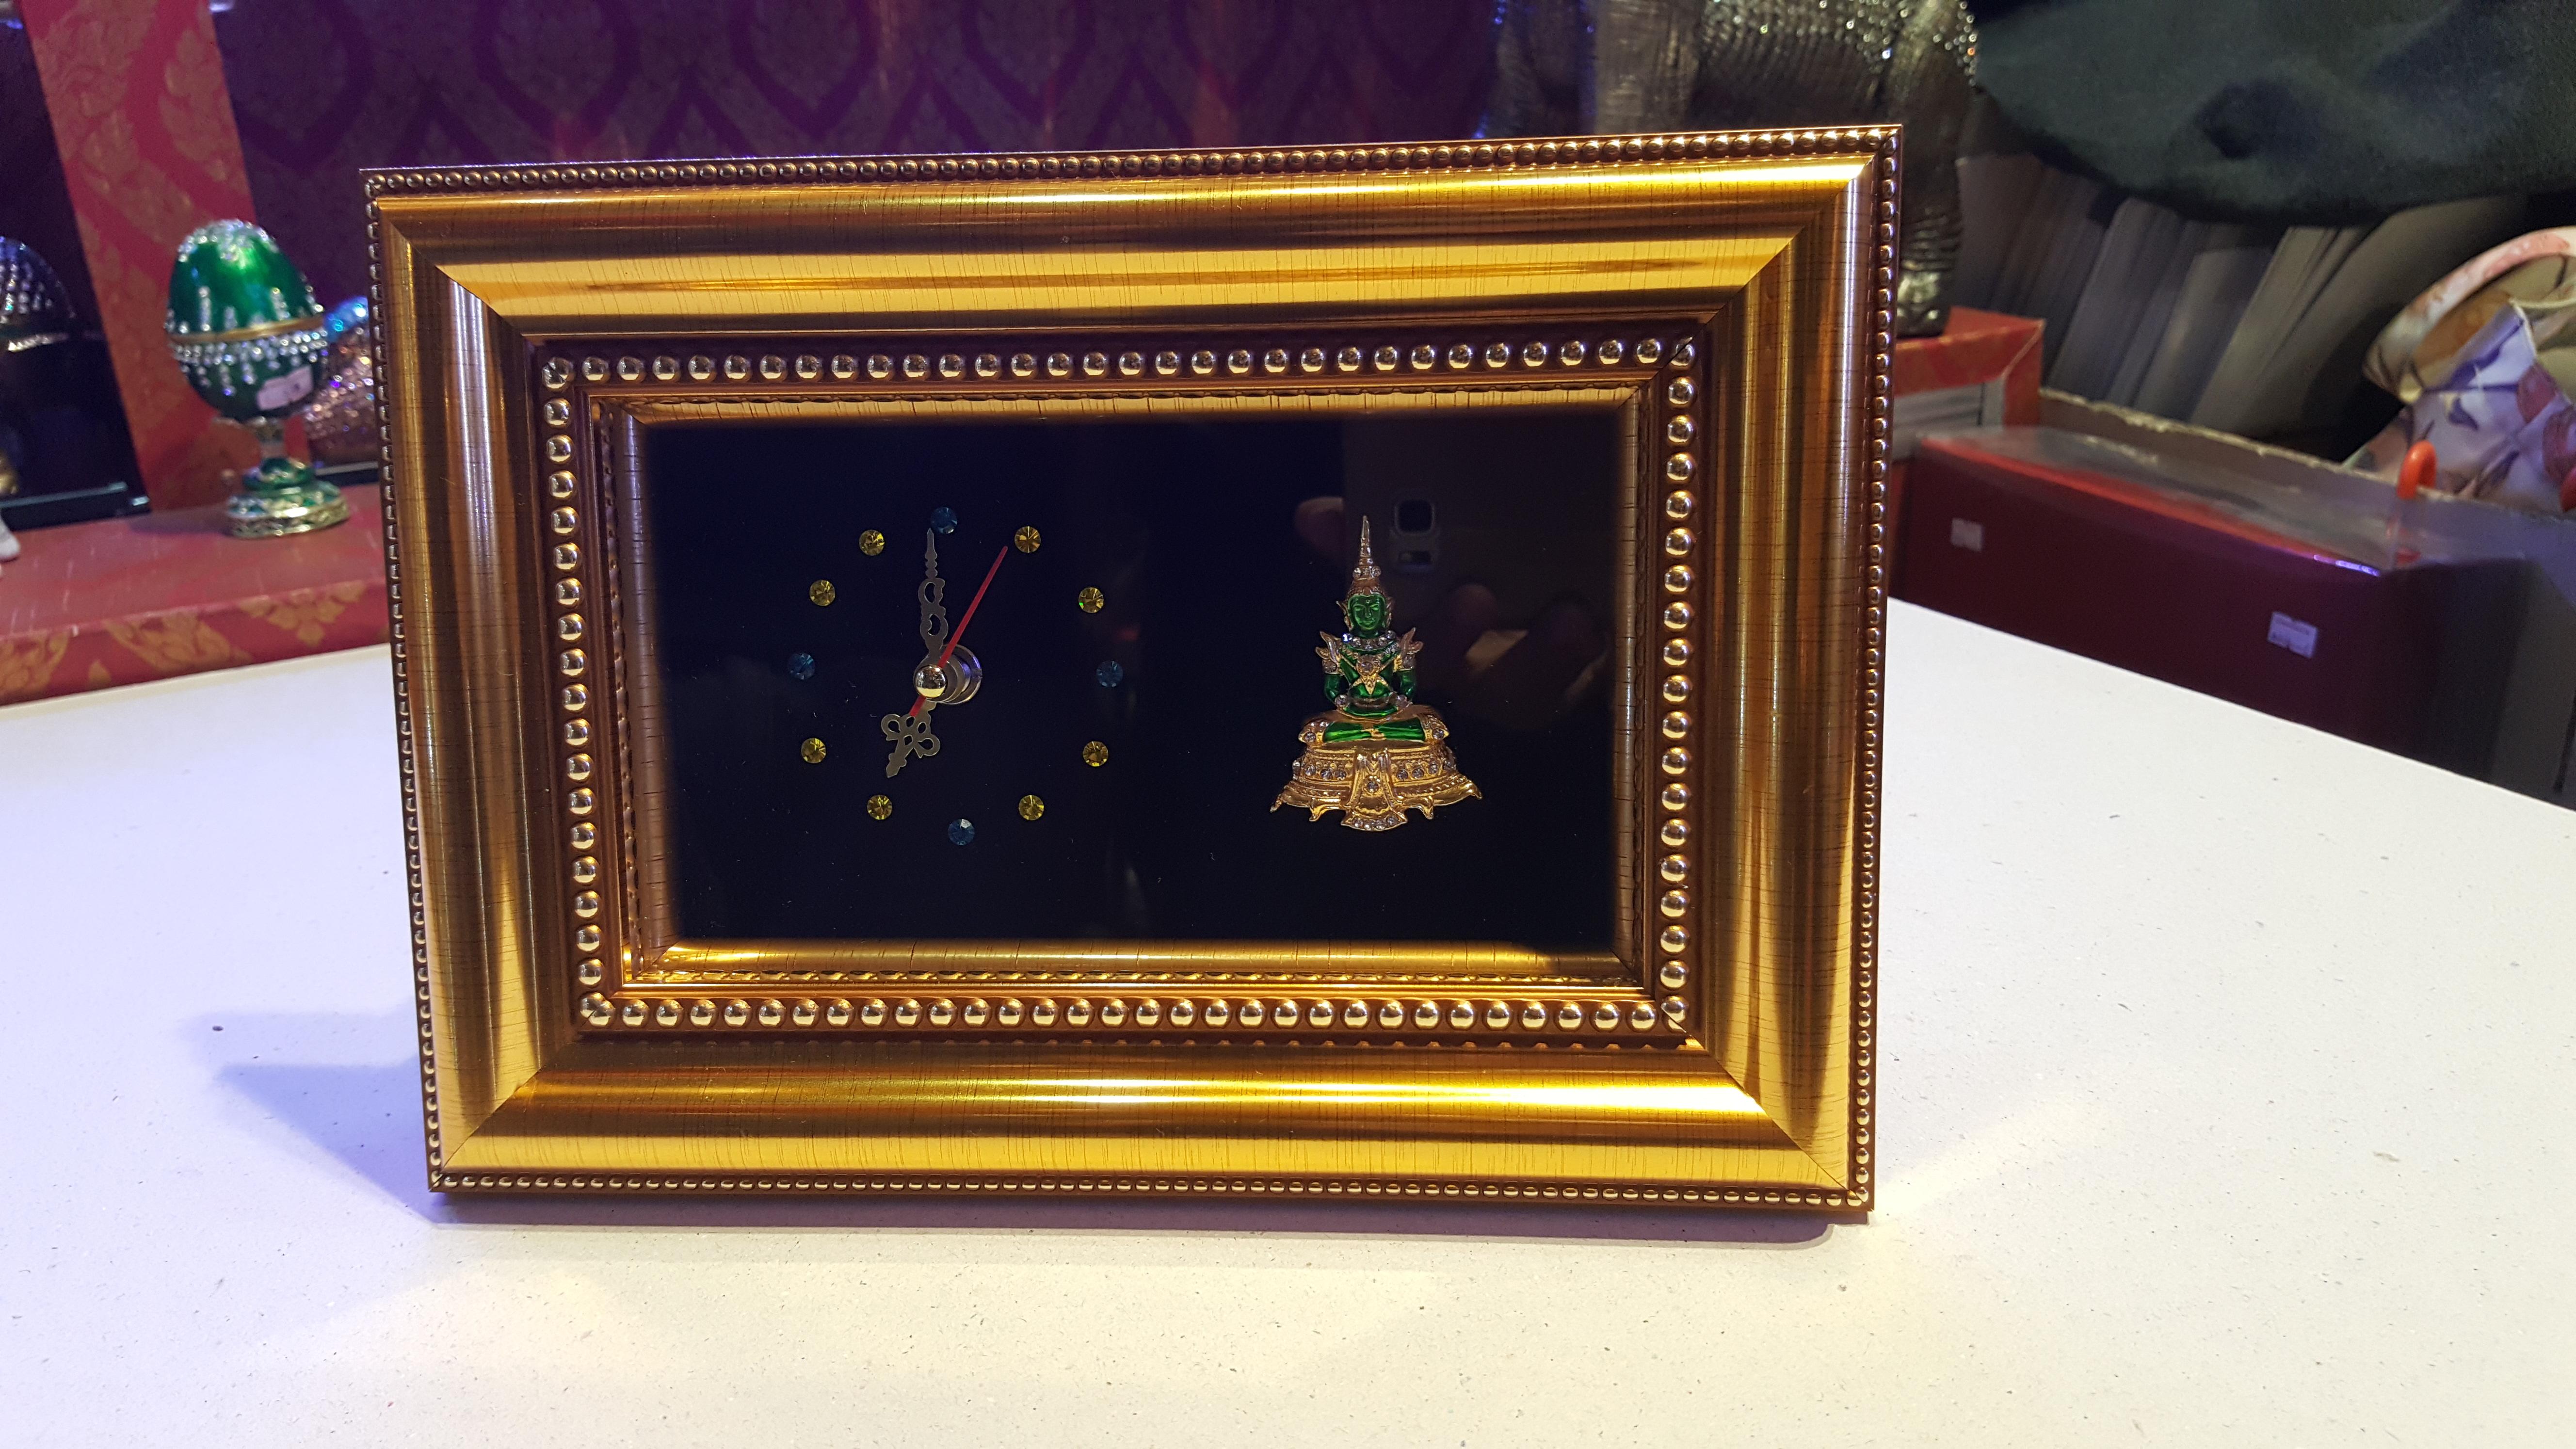 กรอบรูปเอกลักษณ์ไทย รูปองค์พระแก้วมรกต งานหัตถศิลป์ ที่ทรงคุณค่า